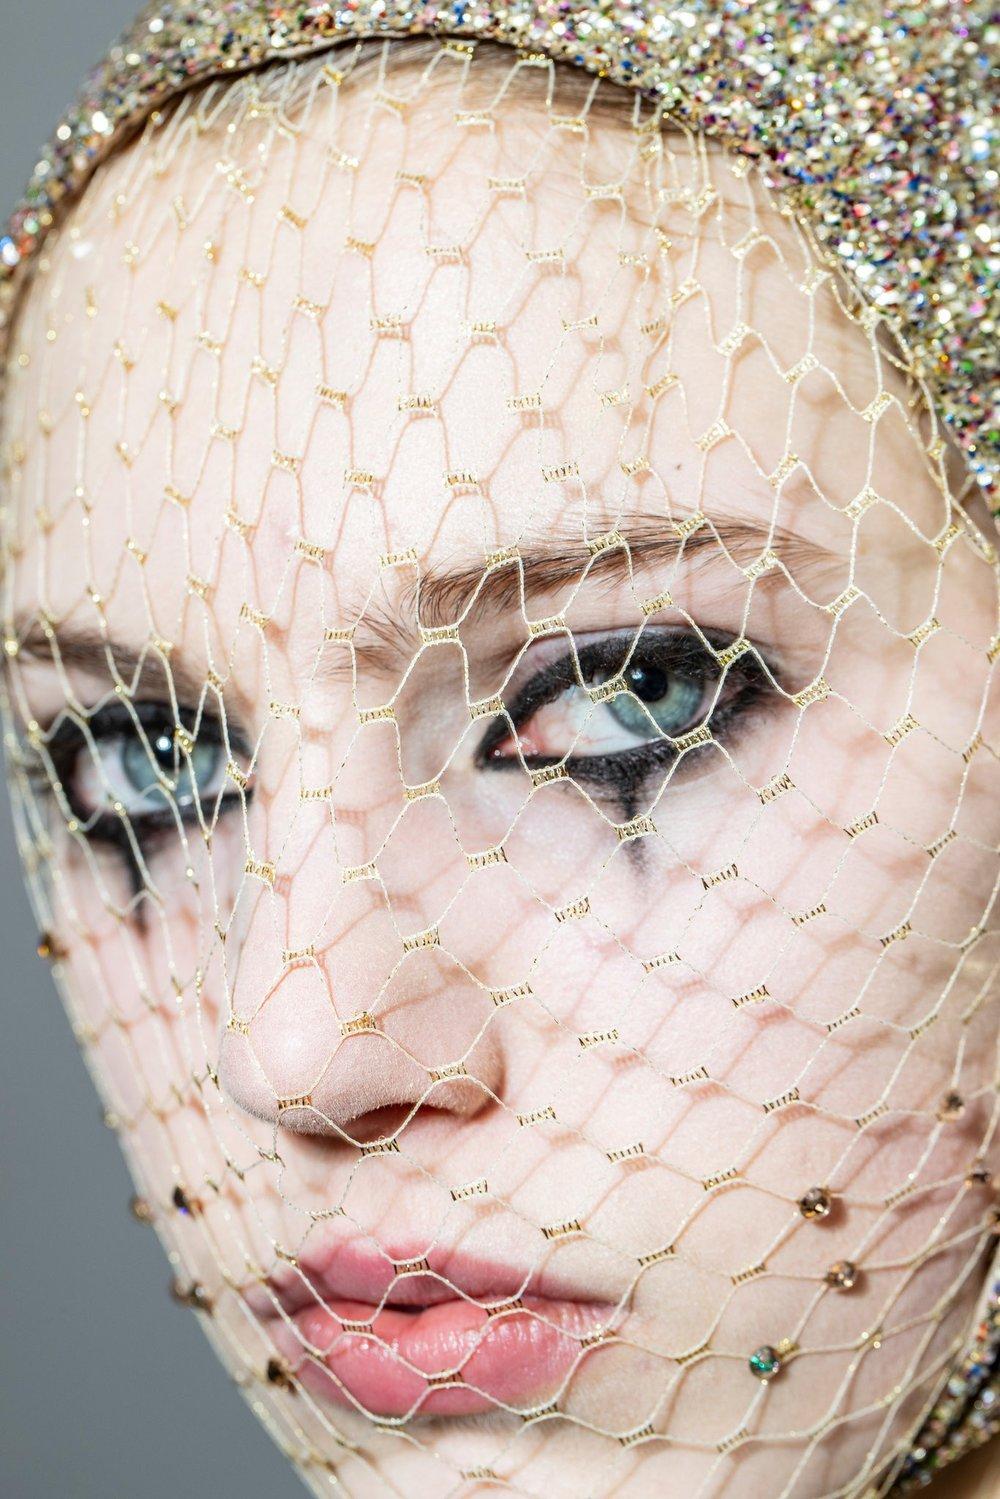 Couture-slide-9YG4-superJumbo[1].jpg